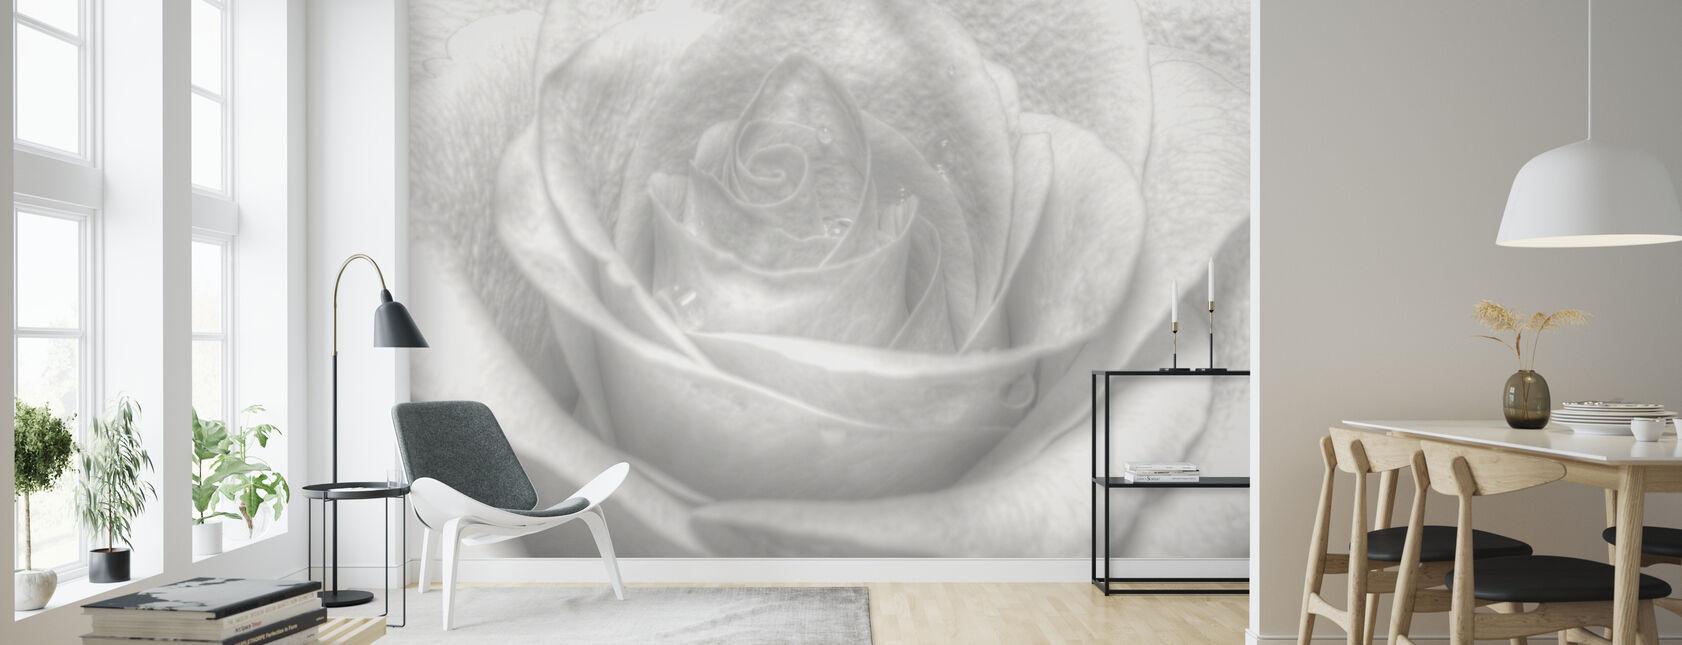 Hög nyckel ros - Tapet - Vardagsrum